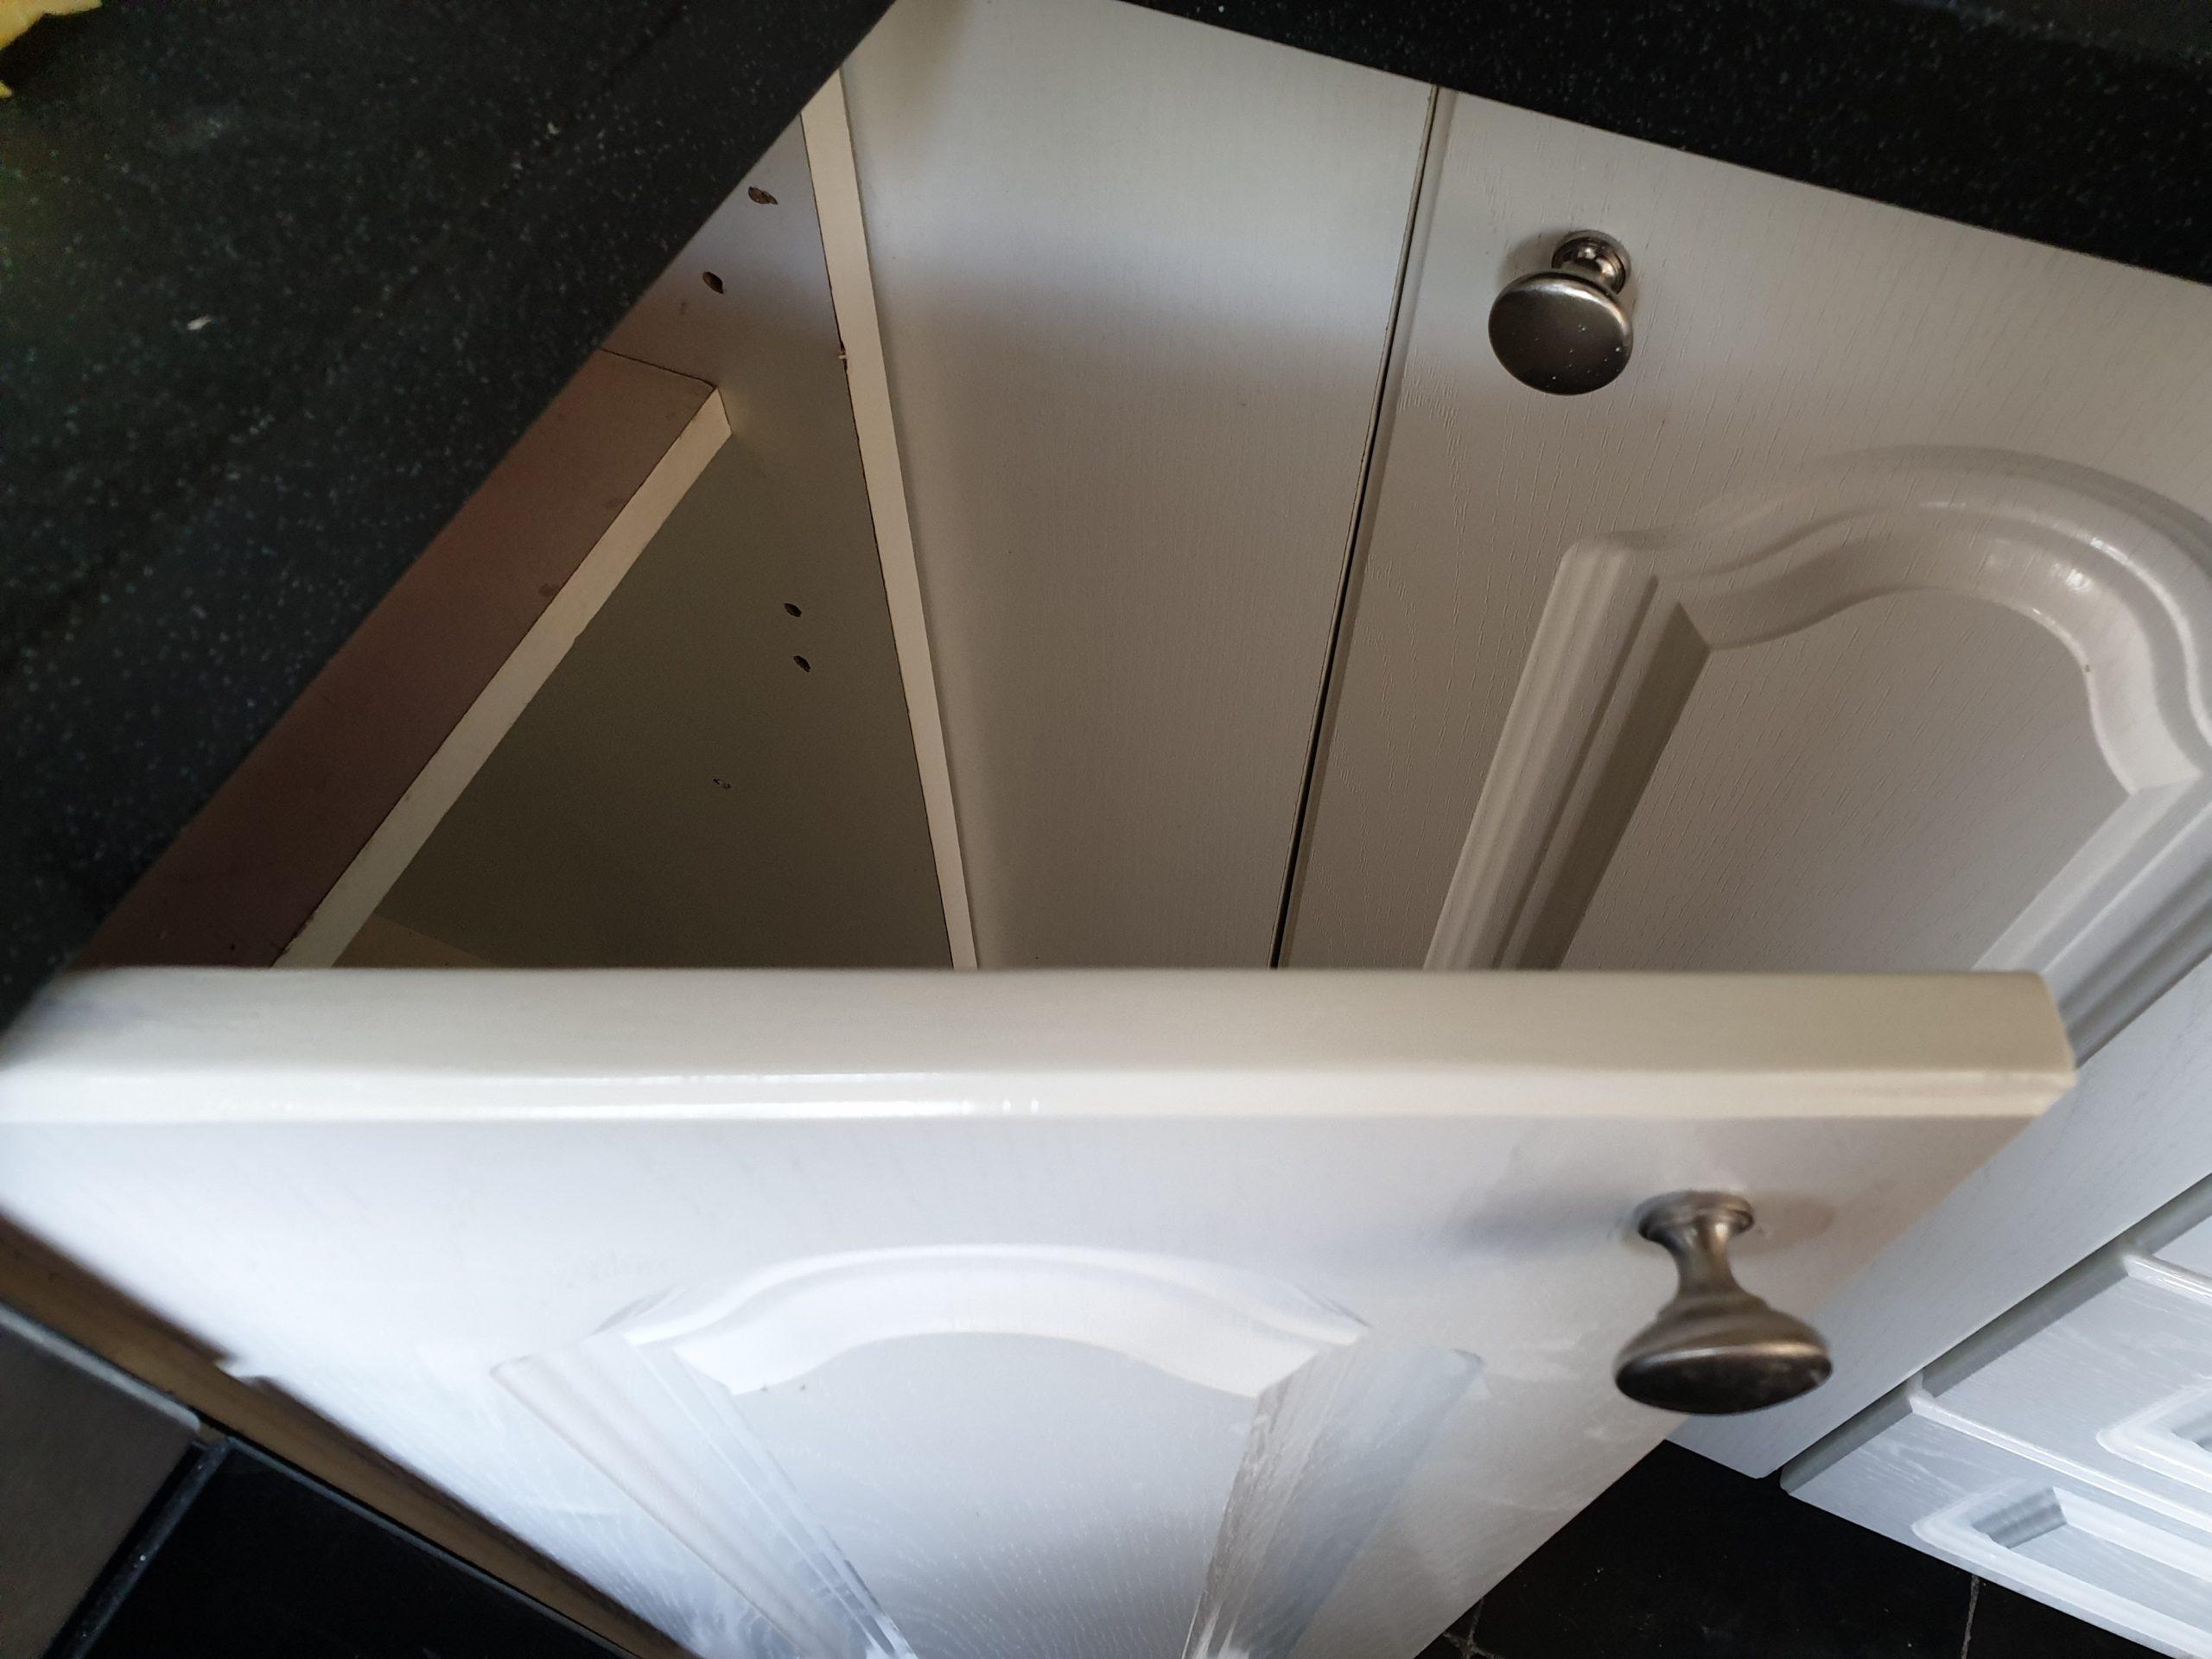 KITCHEN CUPBOARD DOOR DE LAMINATING CHIP REPAIR AFTER 1